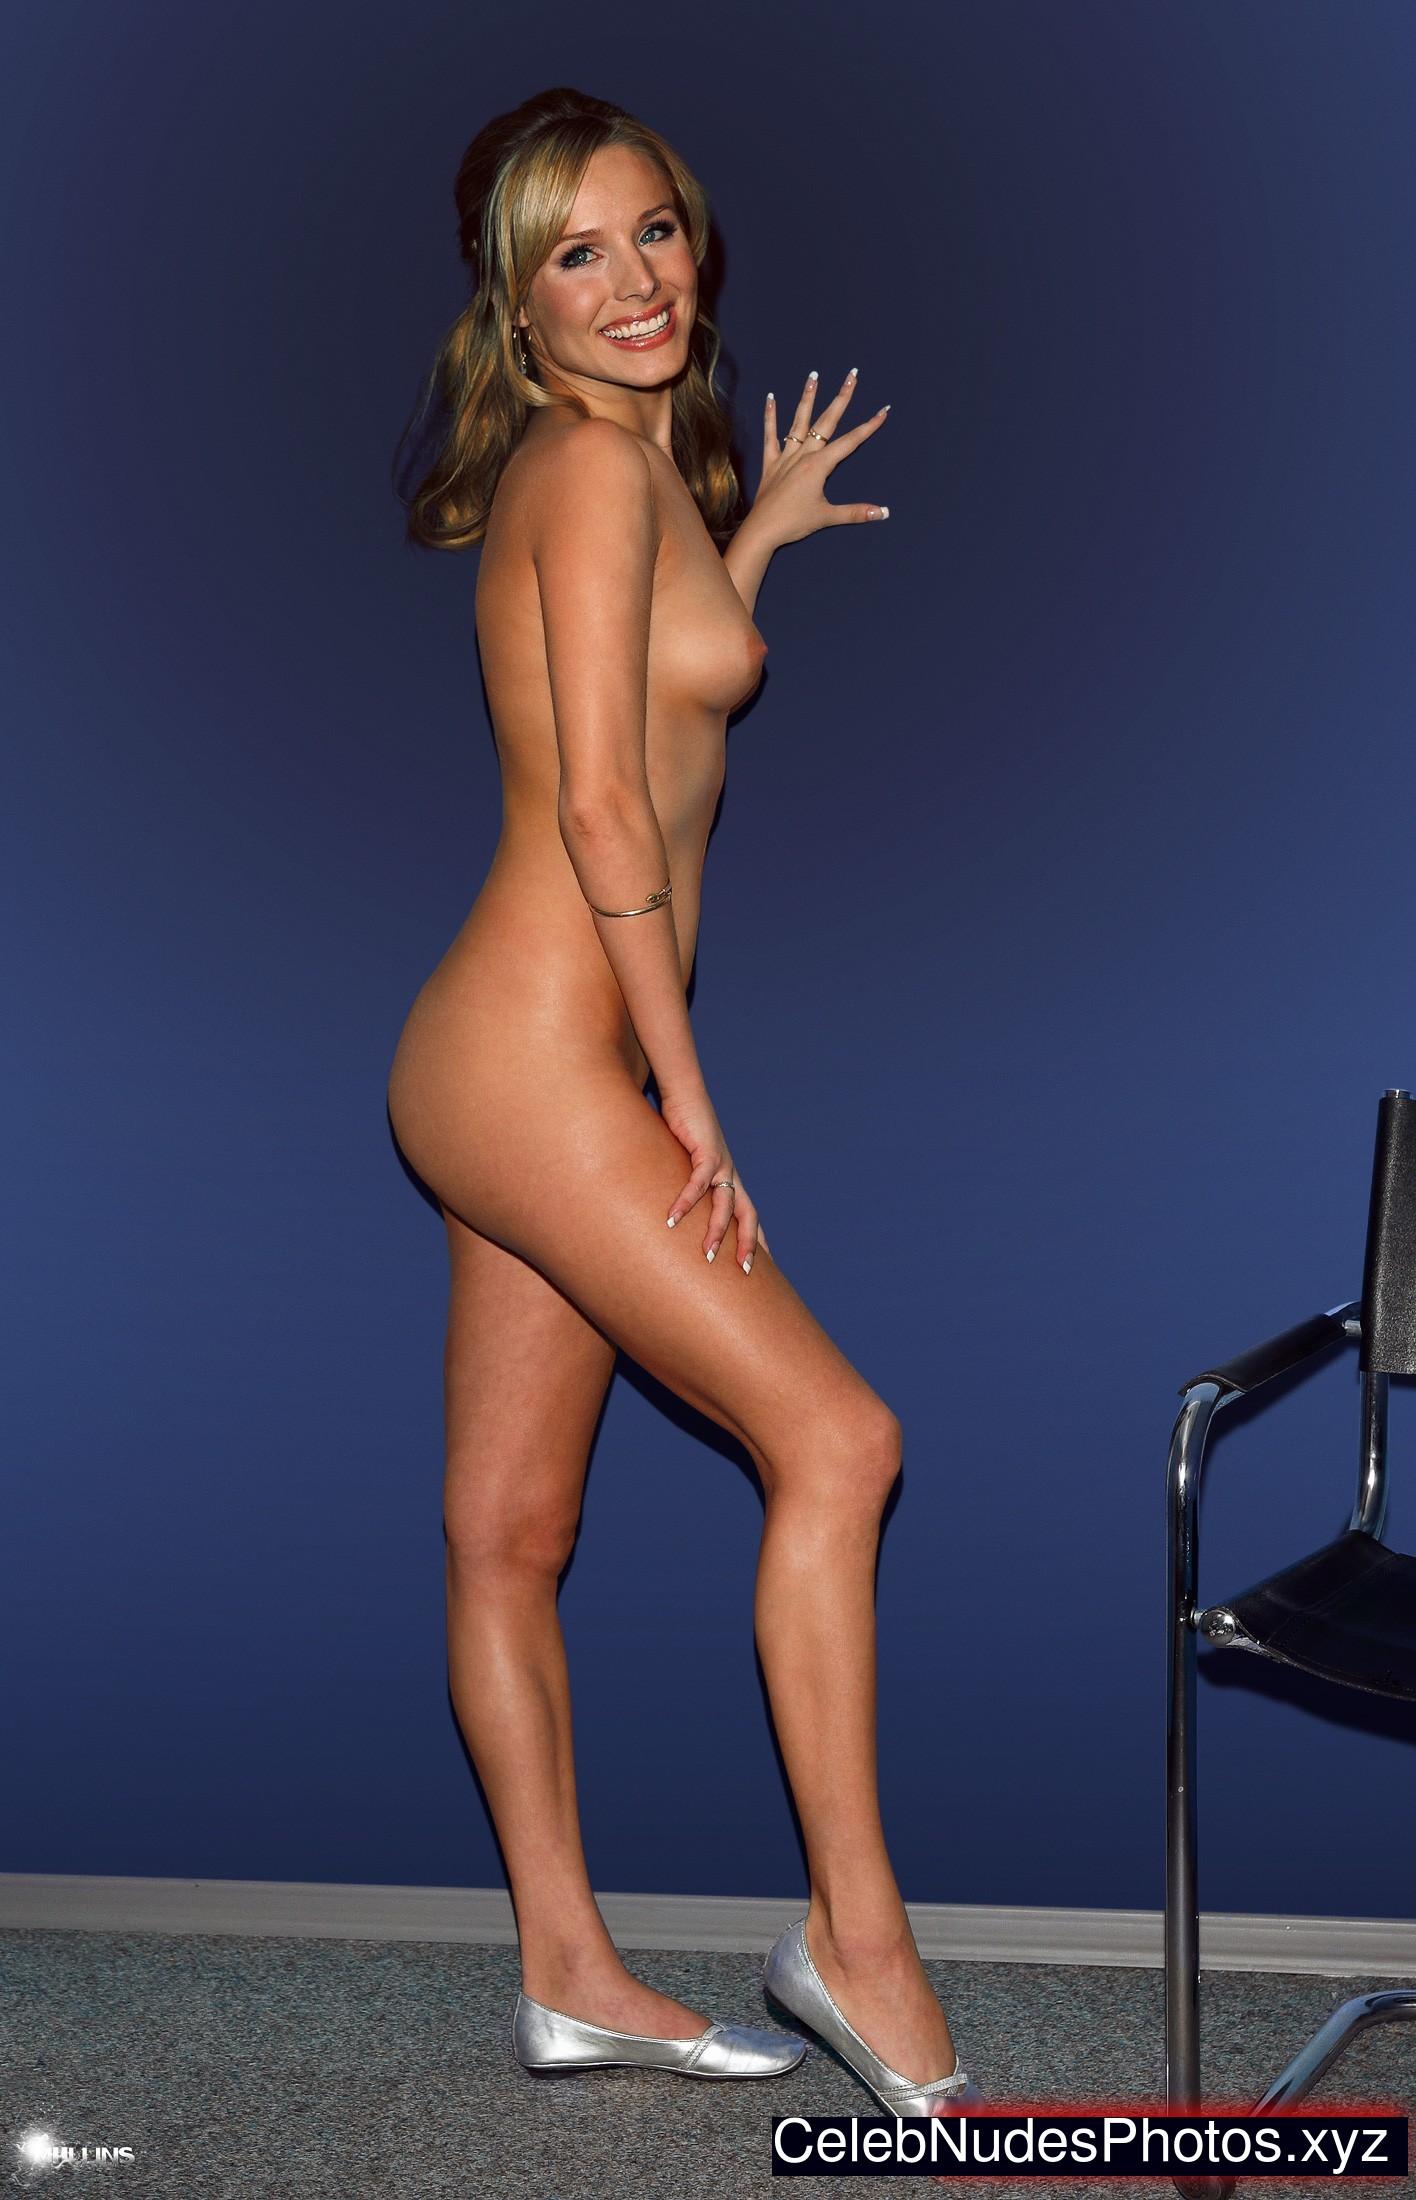 nude beautiful girls